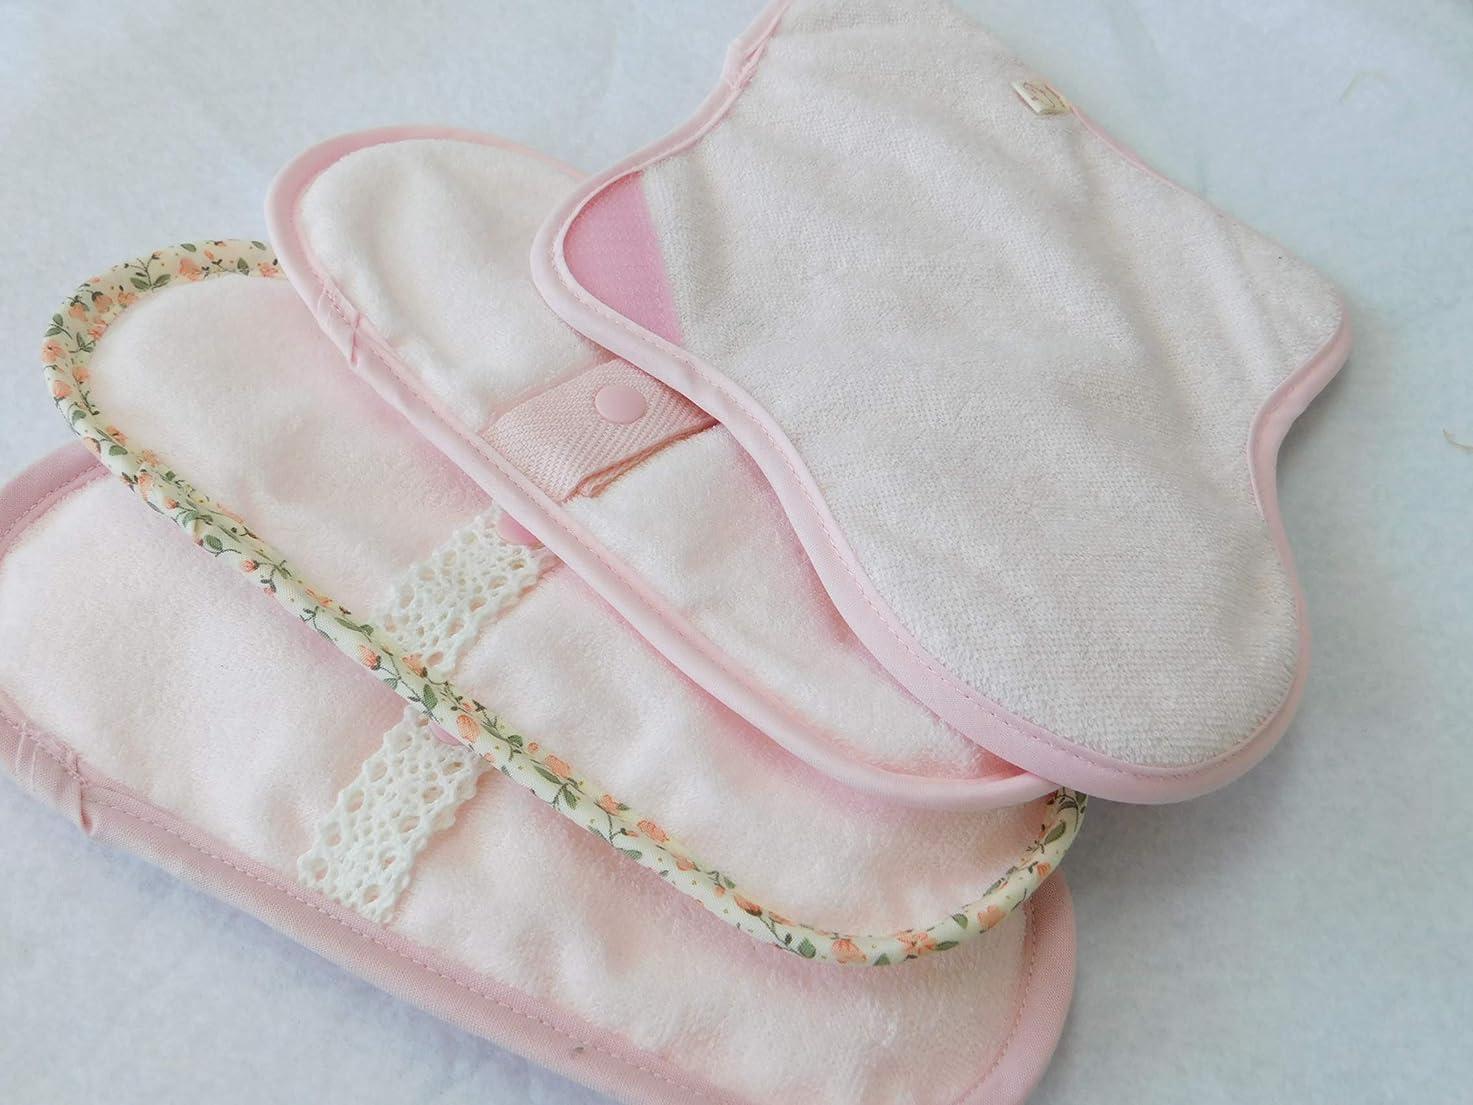 ブラインド広範囲発掘するしゃみをすると尿がもれる人?冷える人 健康ECO 布ナプキン「なぷきぃなっちゃん」防水タイプお得な3枚プラス1枚セット品